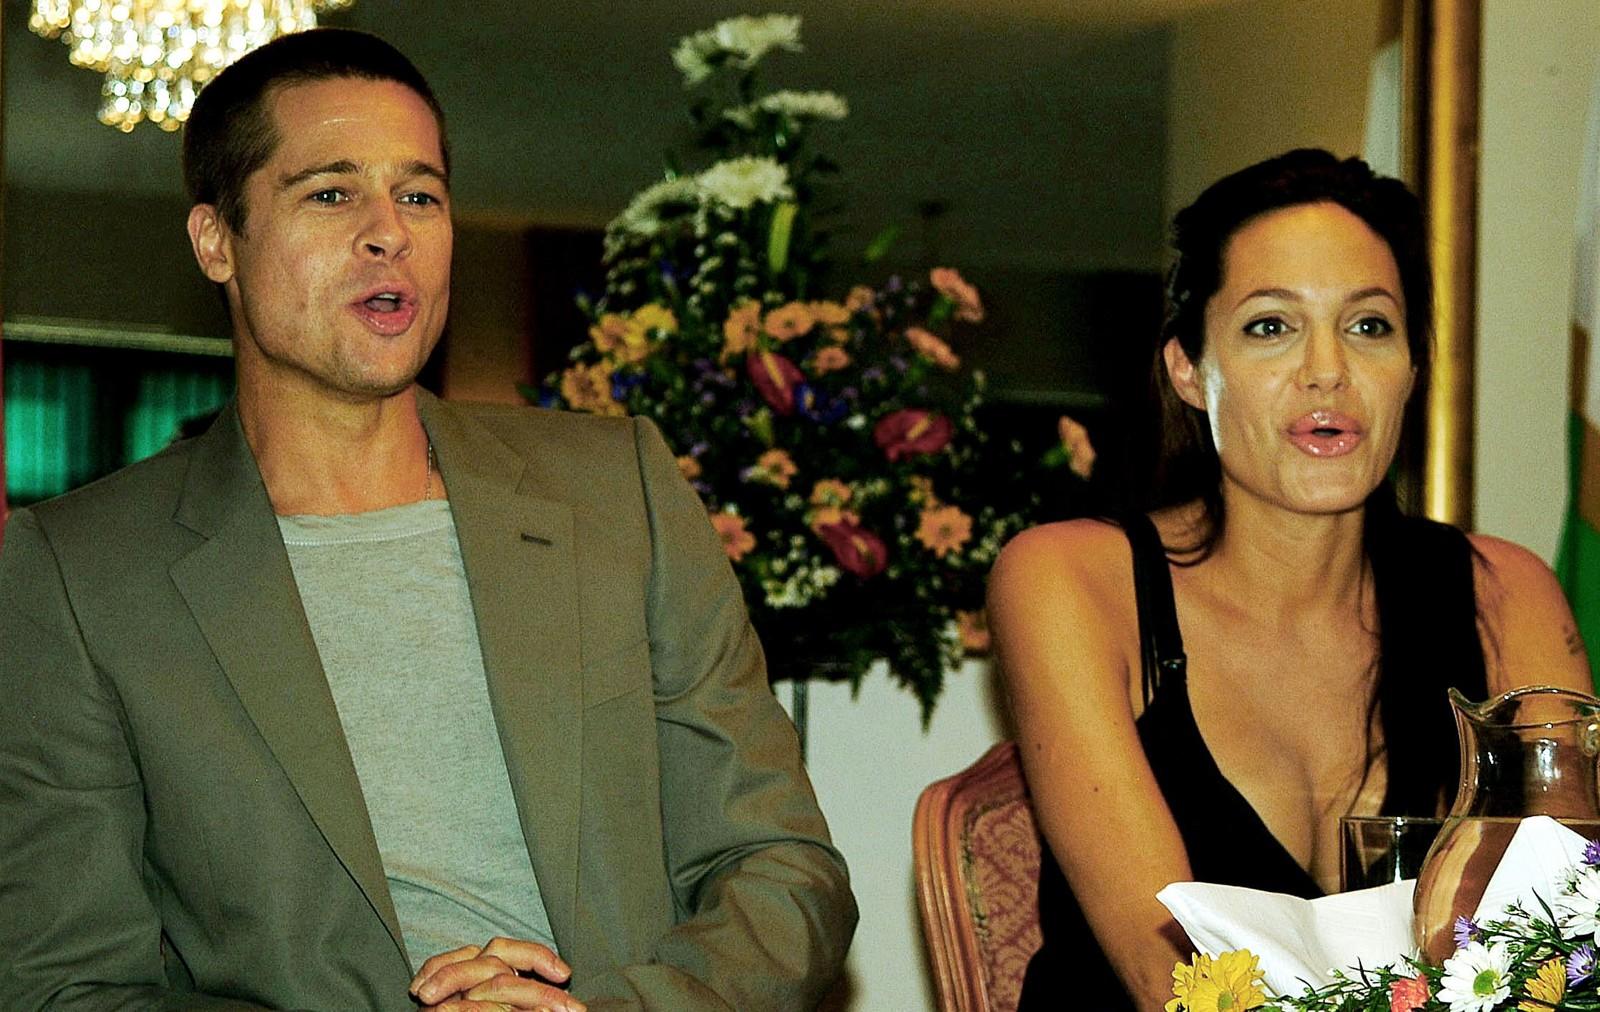 I mai 2006 fikk paret datteren Shiloh Nouvel Jolie-Pitt i Namibia, deres første biologiske barn sammen. Jolie valgte å føde der for å unngå medieoppmerksomheten.